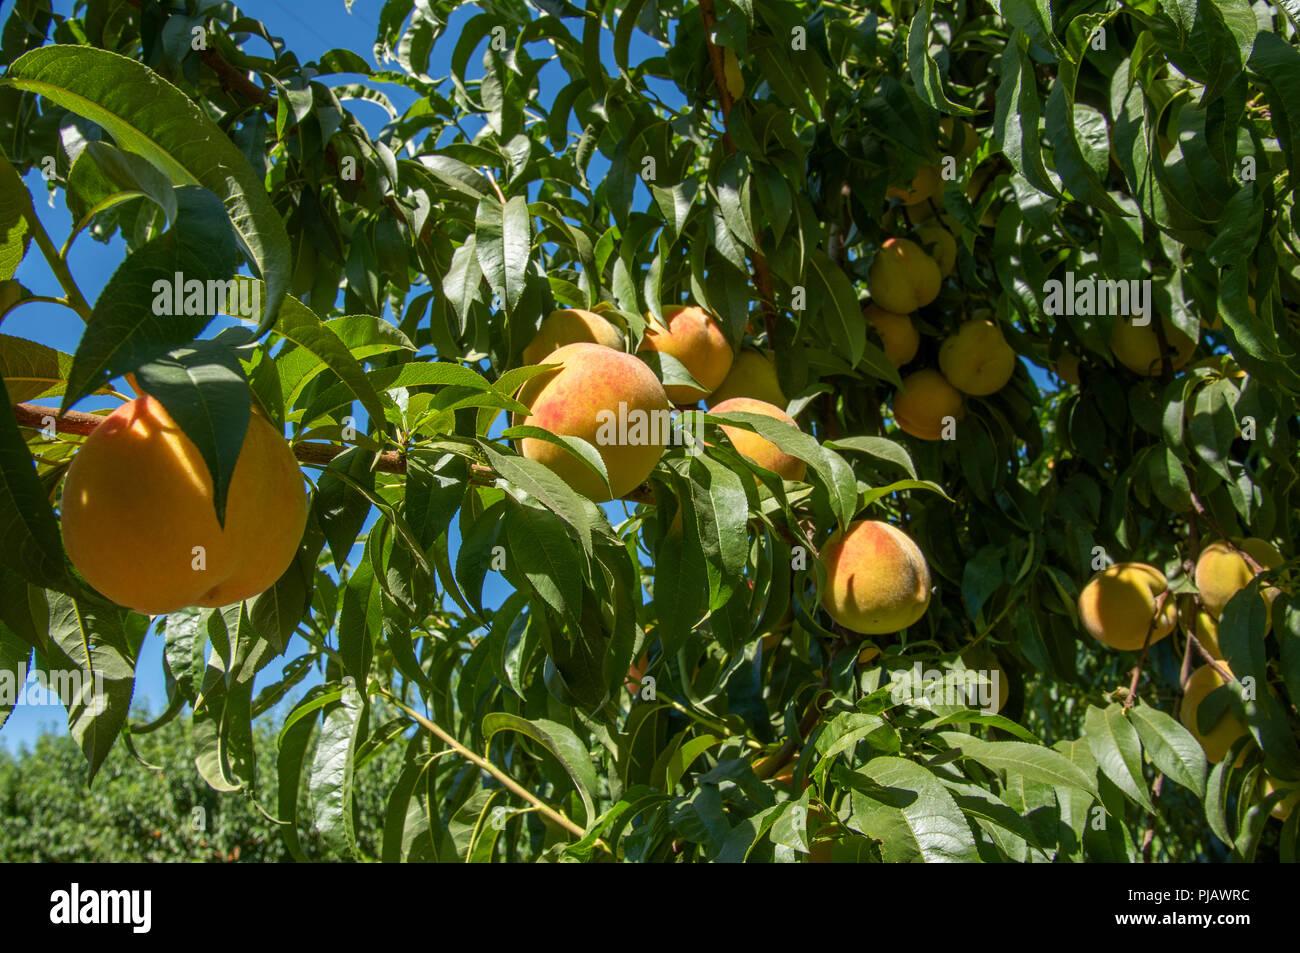 Peach orchrd, California centrale Immagini Stock